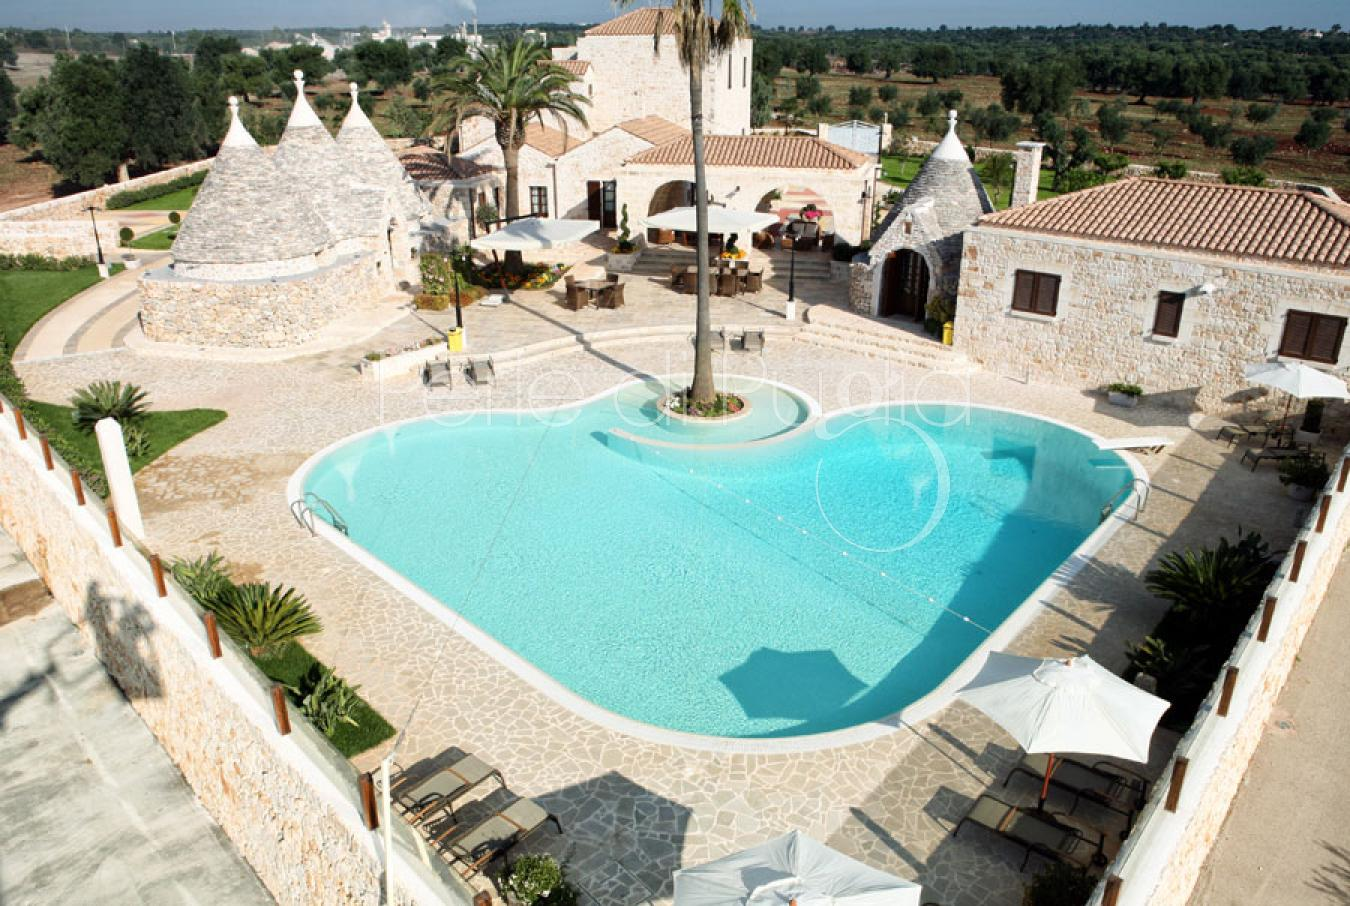 Masseria con trulli e piscina a ceglie messapica - Masseria in puglia con piscina ...